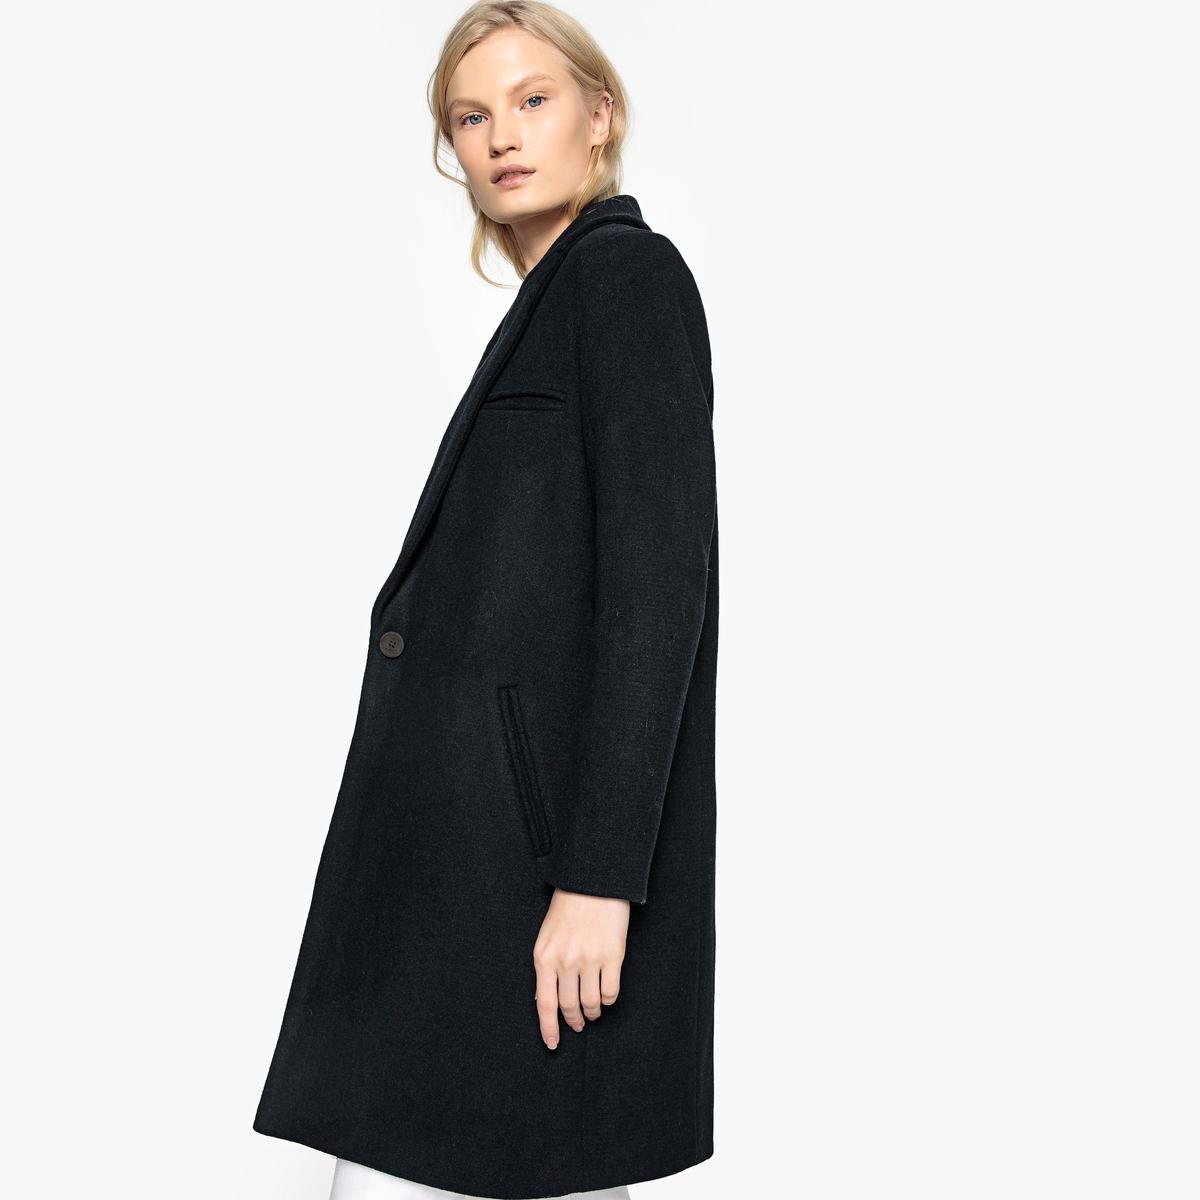 Пальто длинное в мужском стиле из полушерстяной ткани